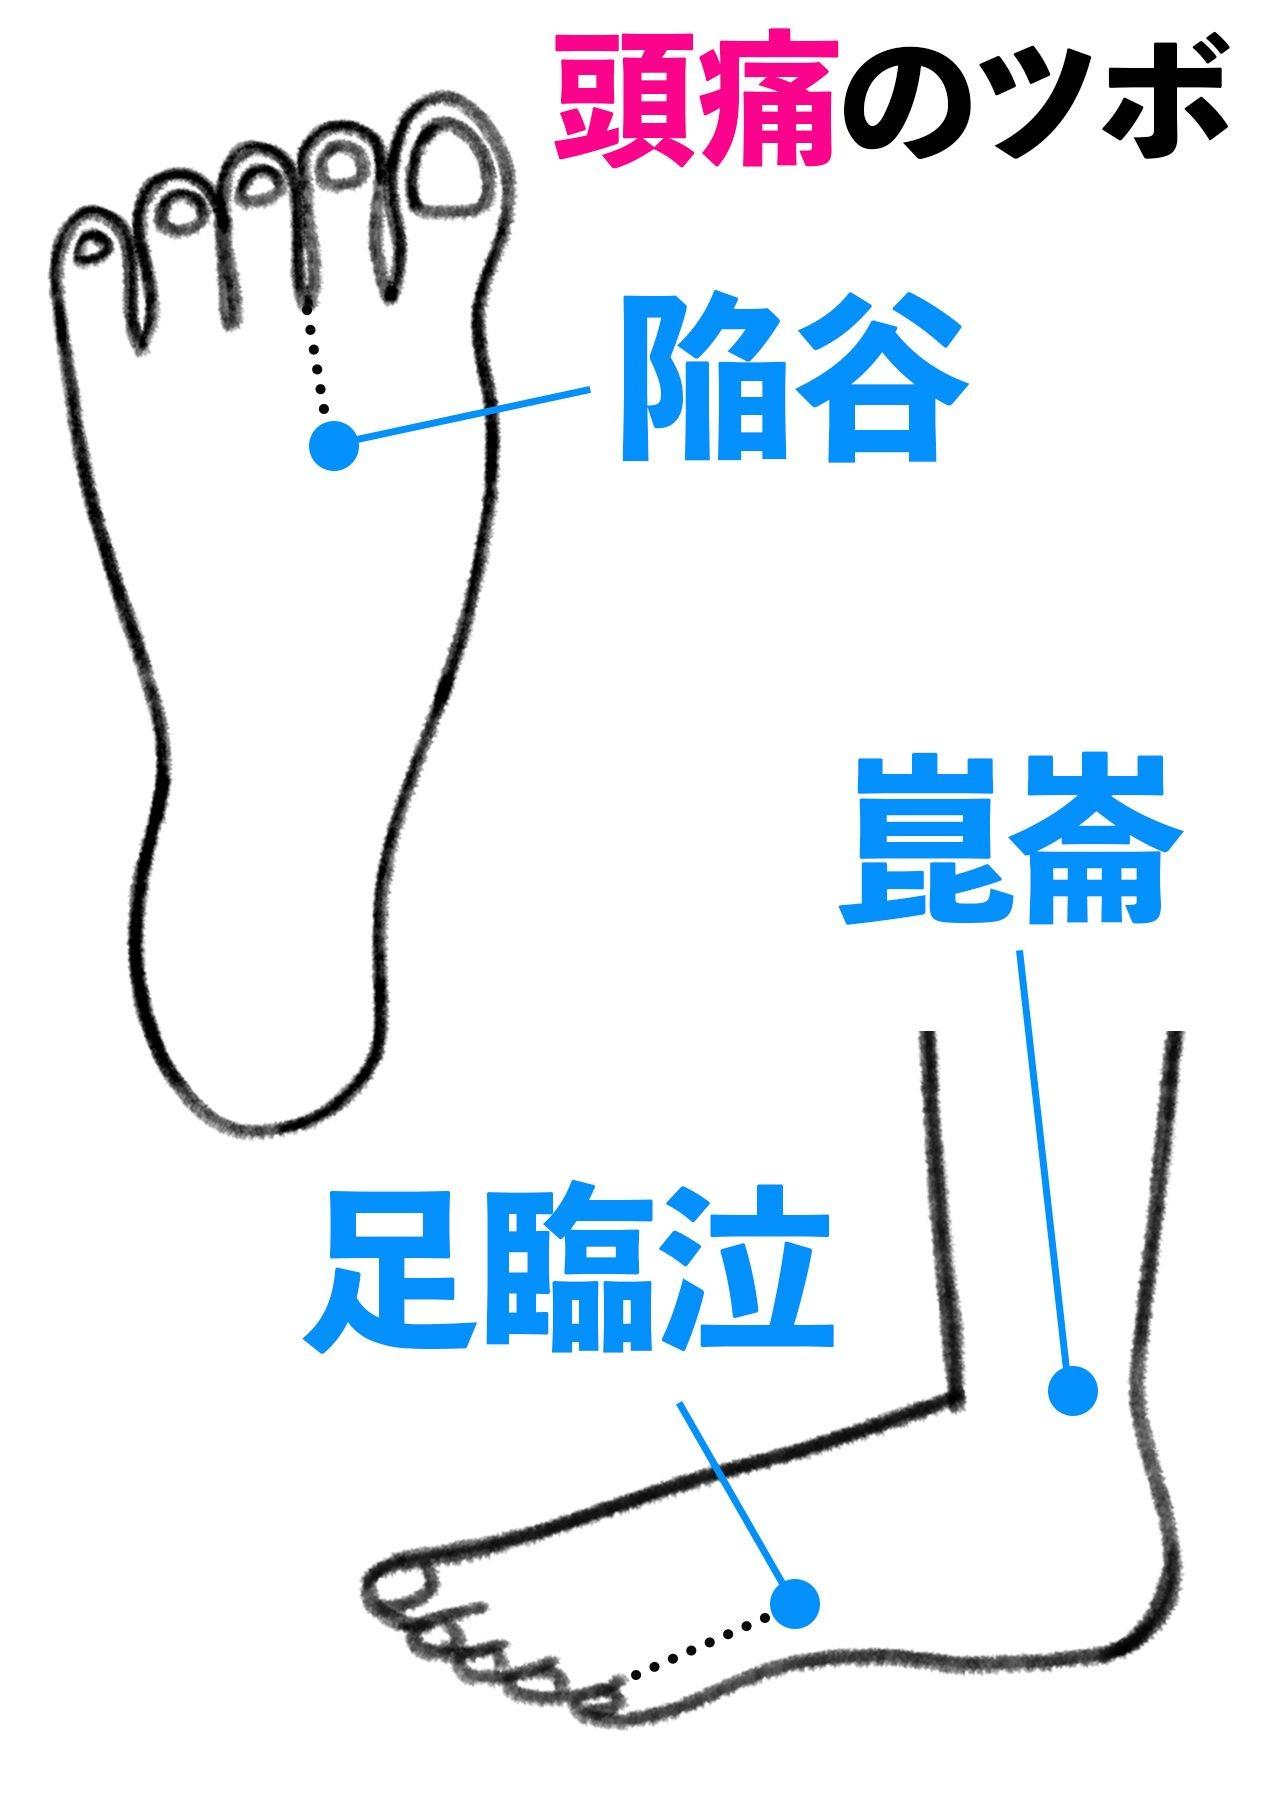 甲 押す と 足 痛い の